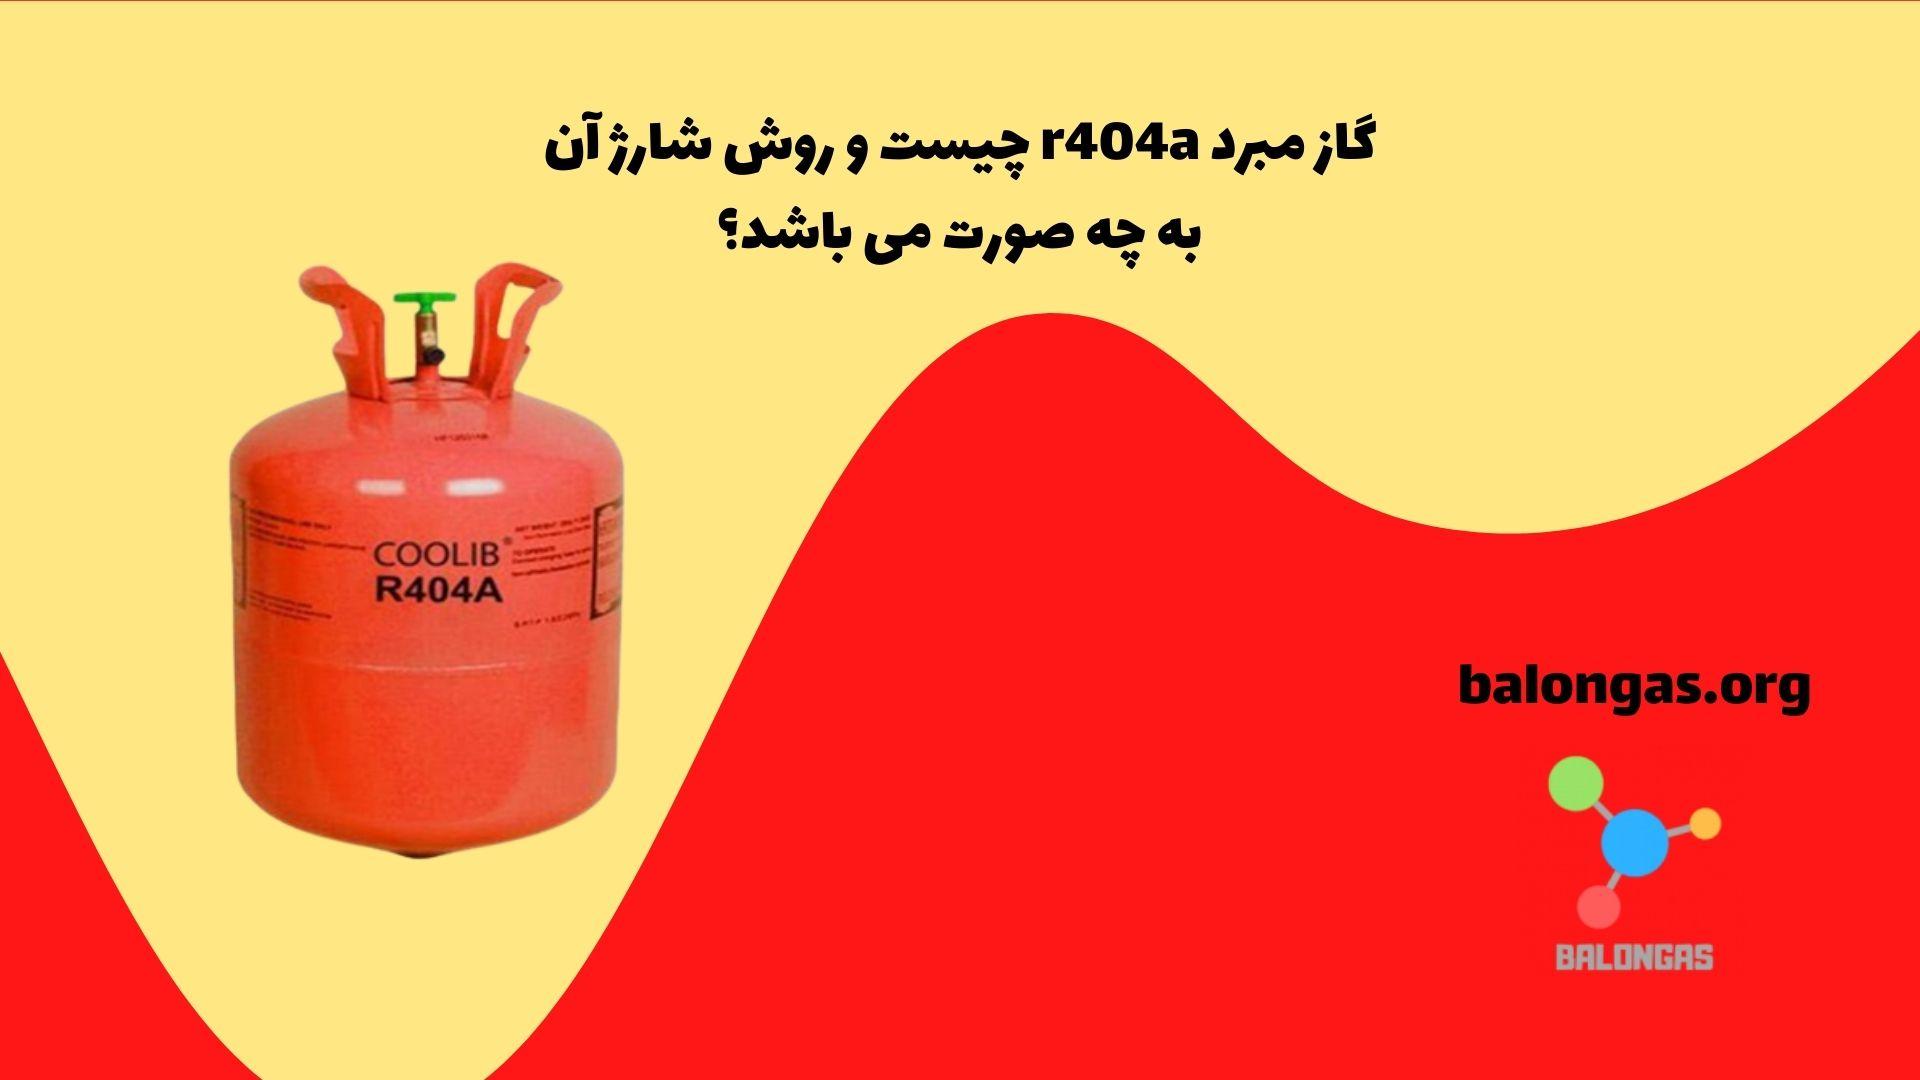 گاز مبرد r404a چیست و روش شارژ آن به چه صورت می باشد؟